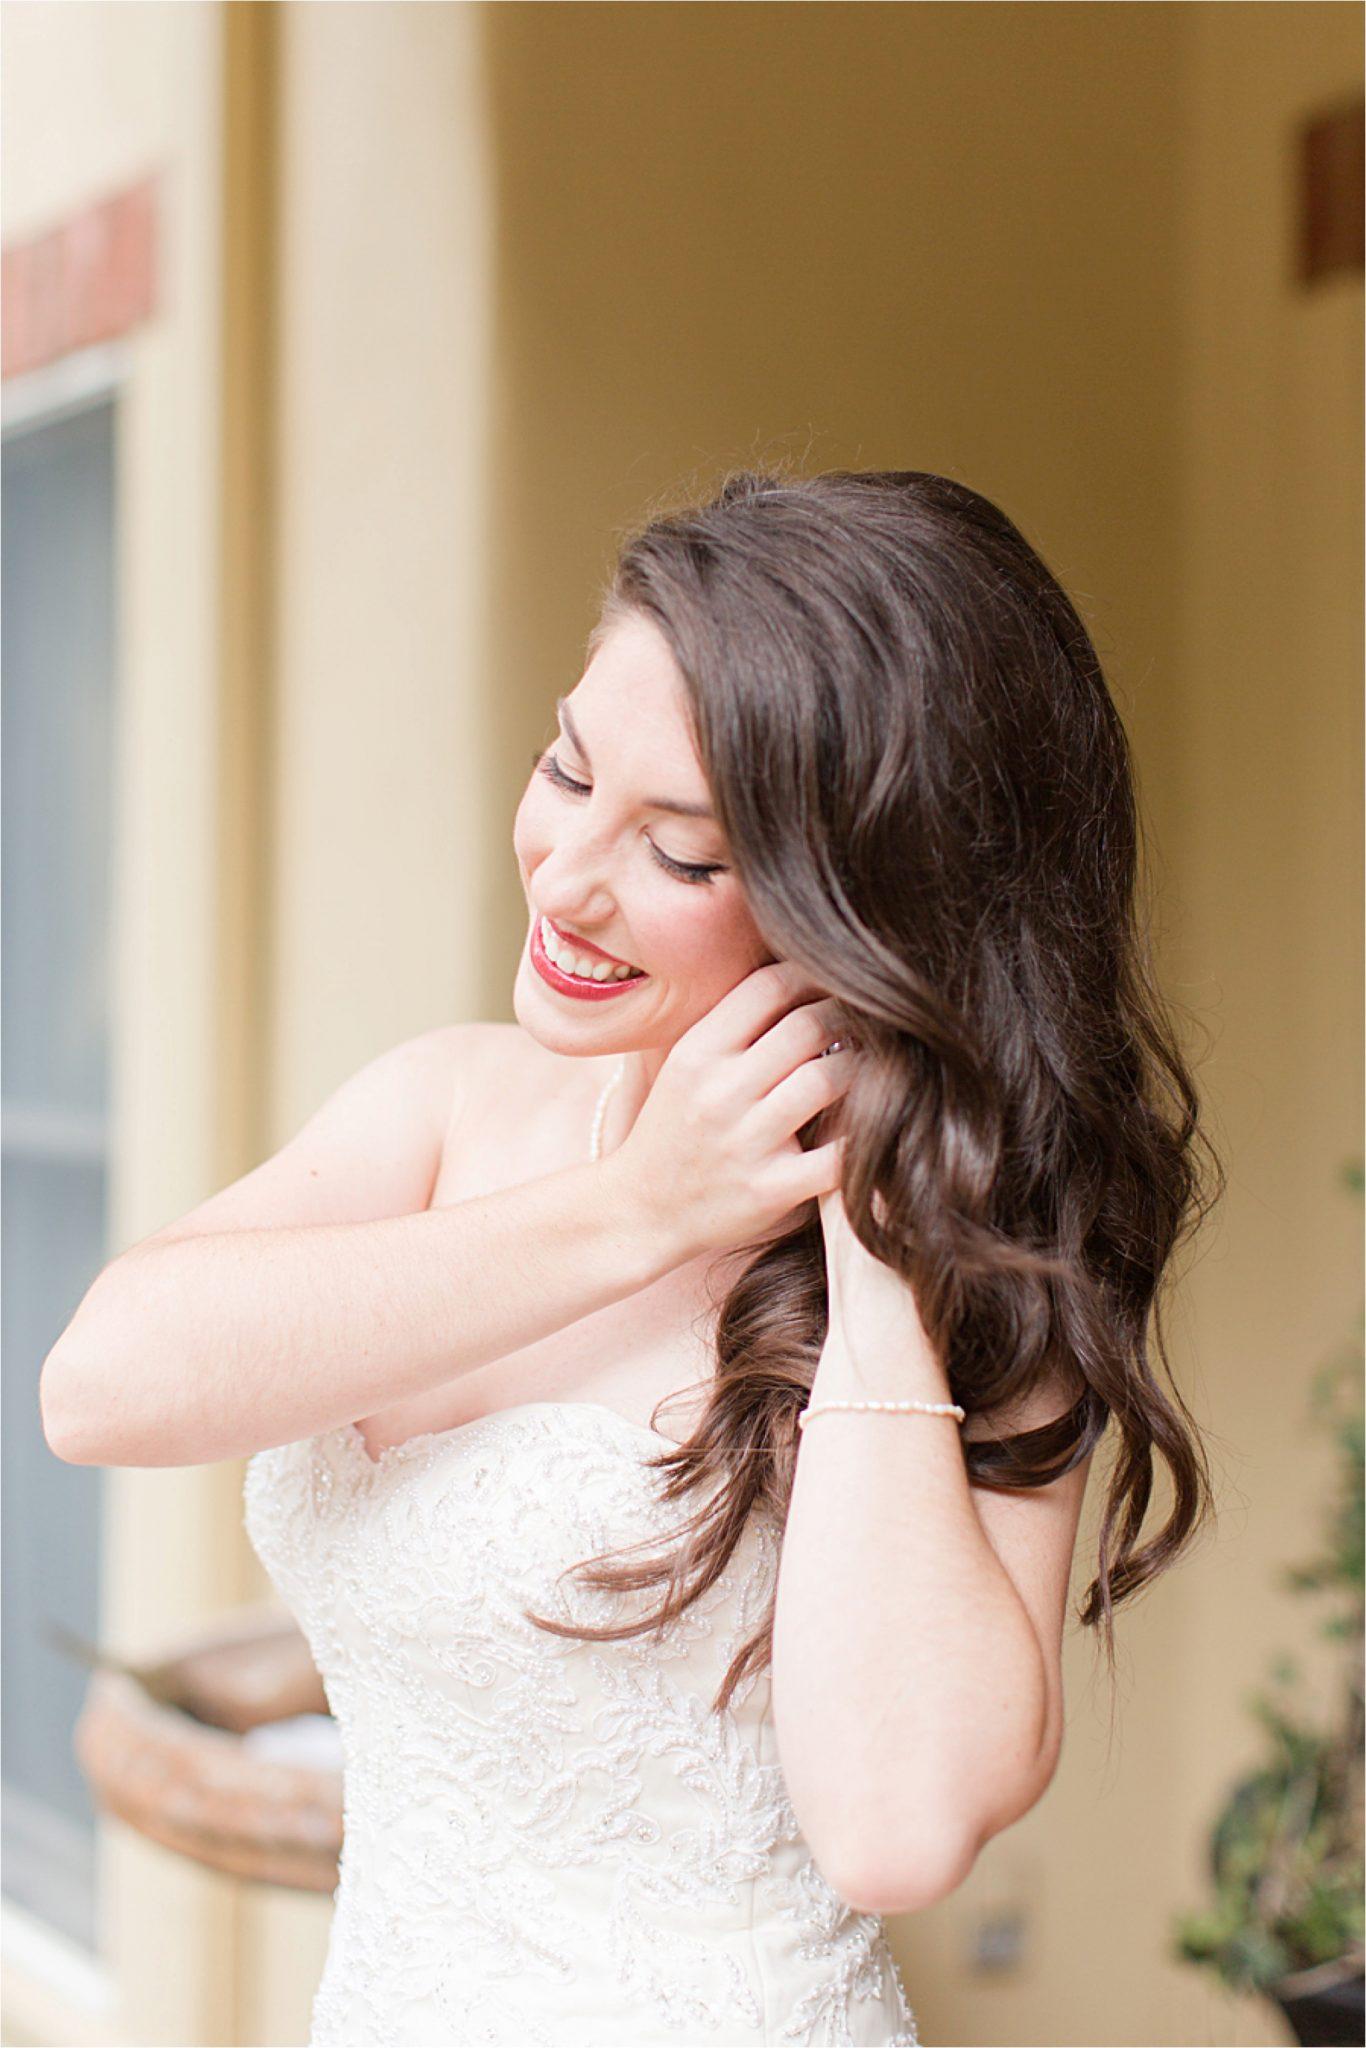 Bride-wedding day-loose curls-pop of lip color